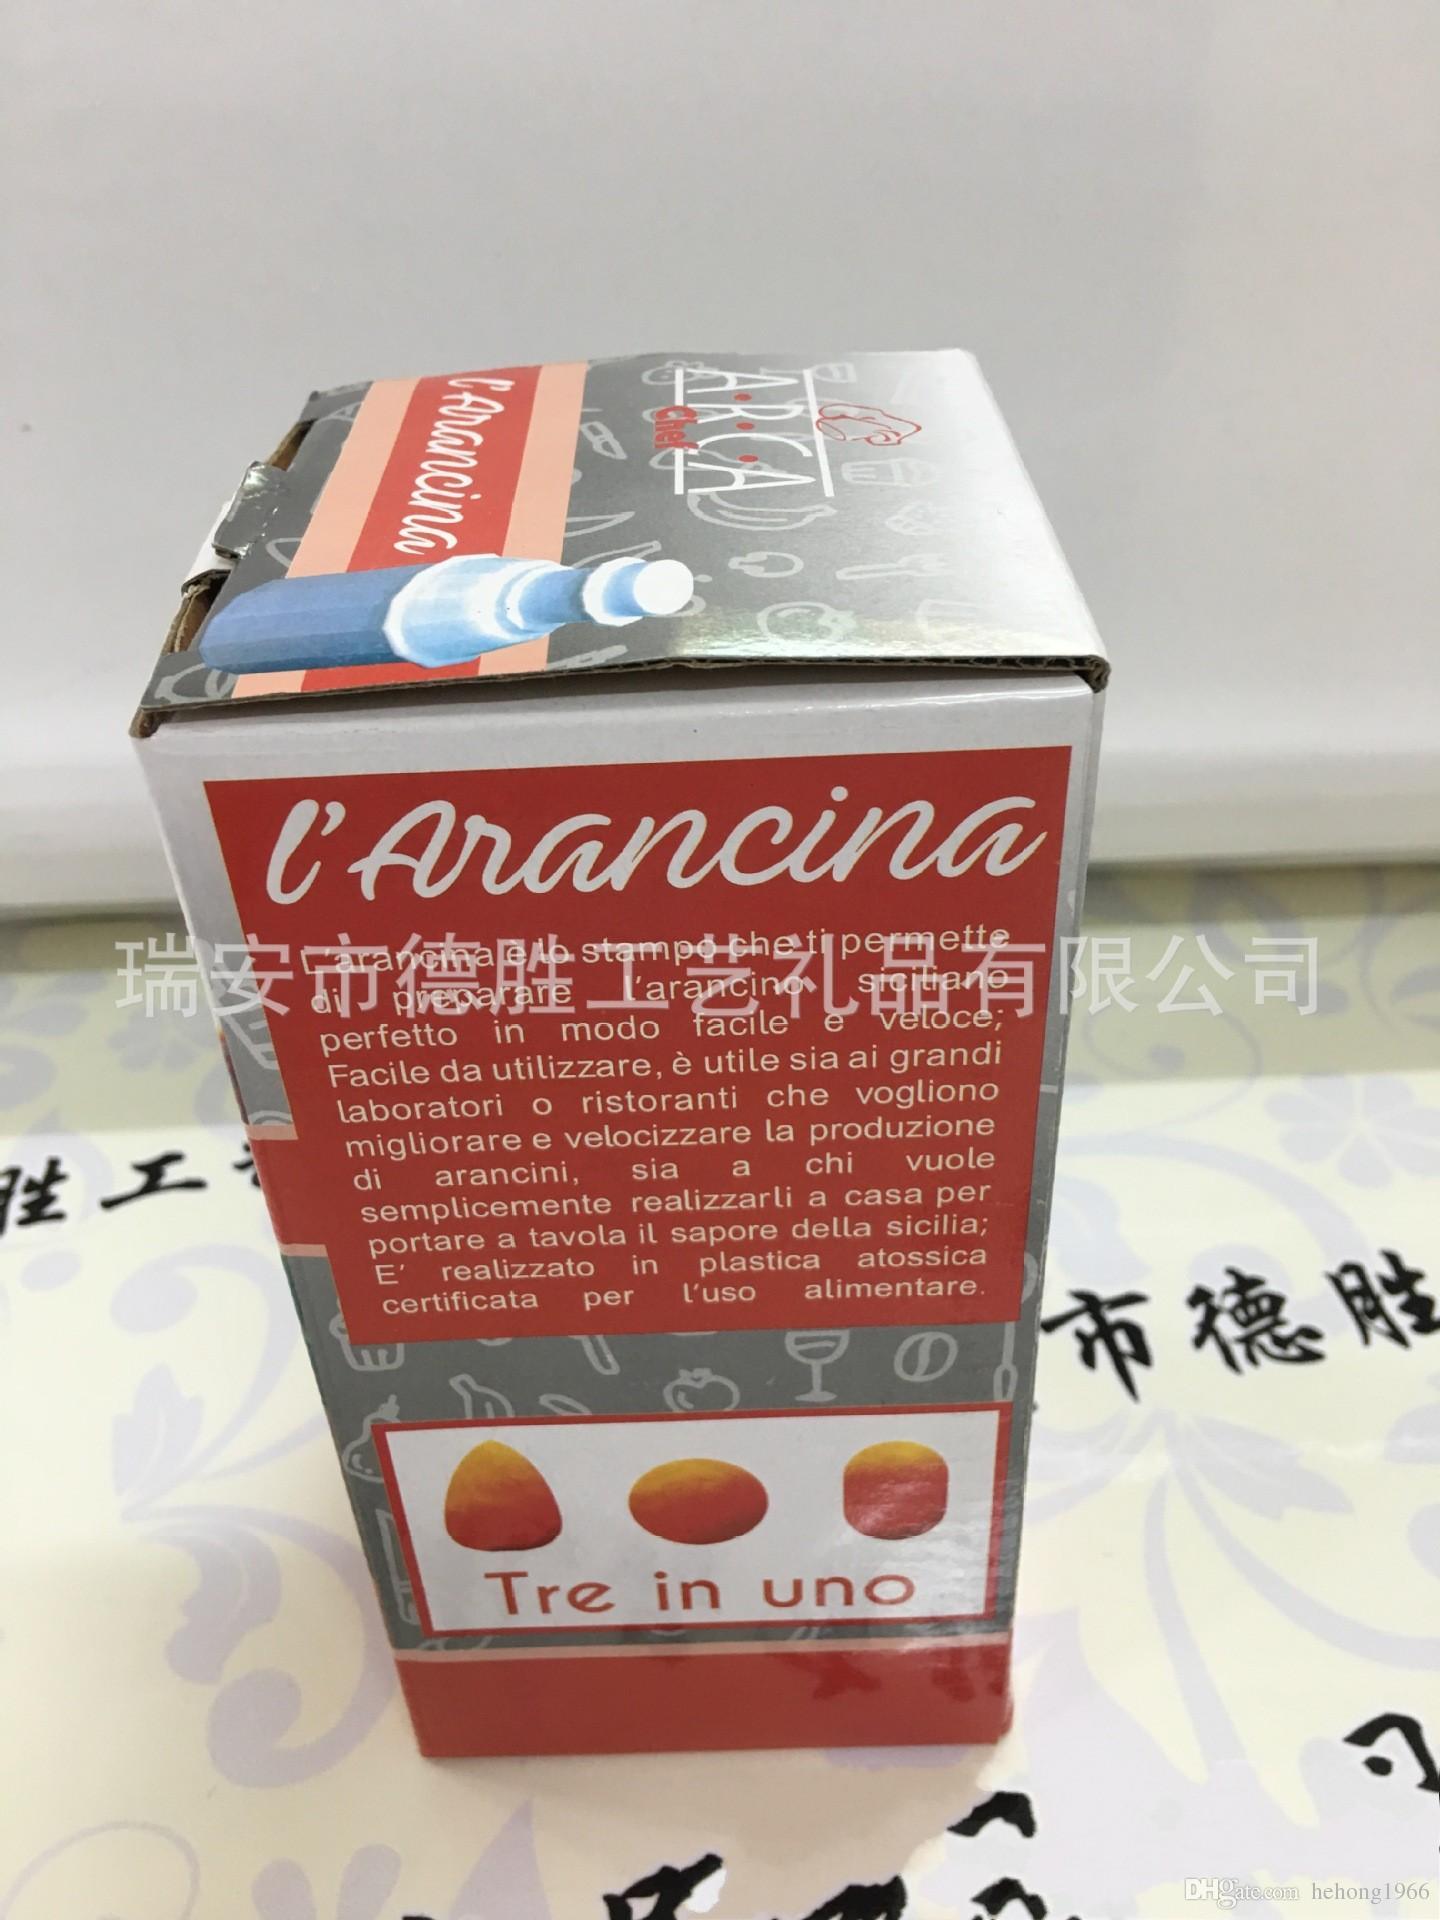 Arca Chef Three In one Stampo a rotolo di riso e verdure Stampi da cucina durevoli Nuovo arrivo Delicato ordine di prova 7 ts